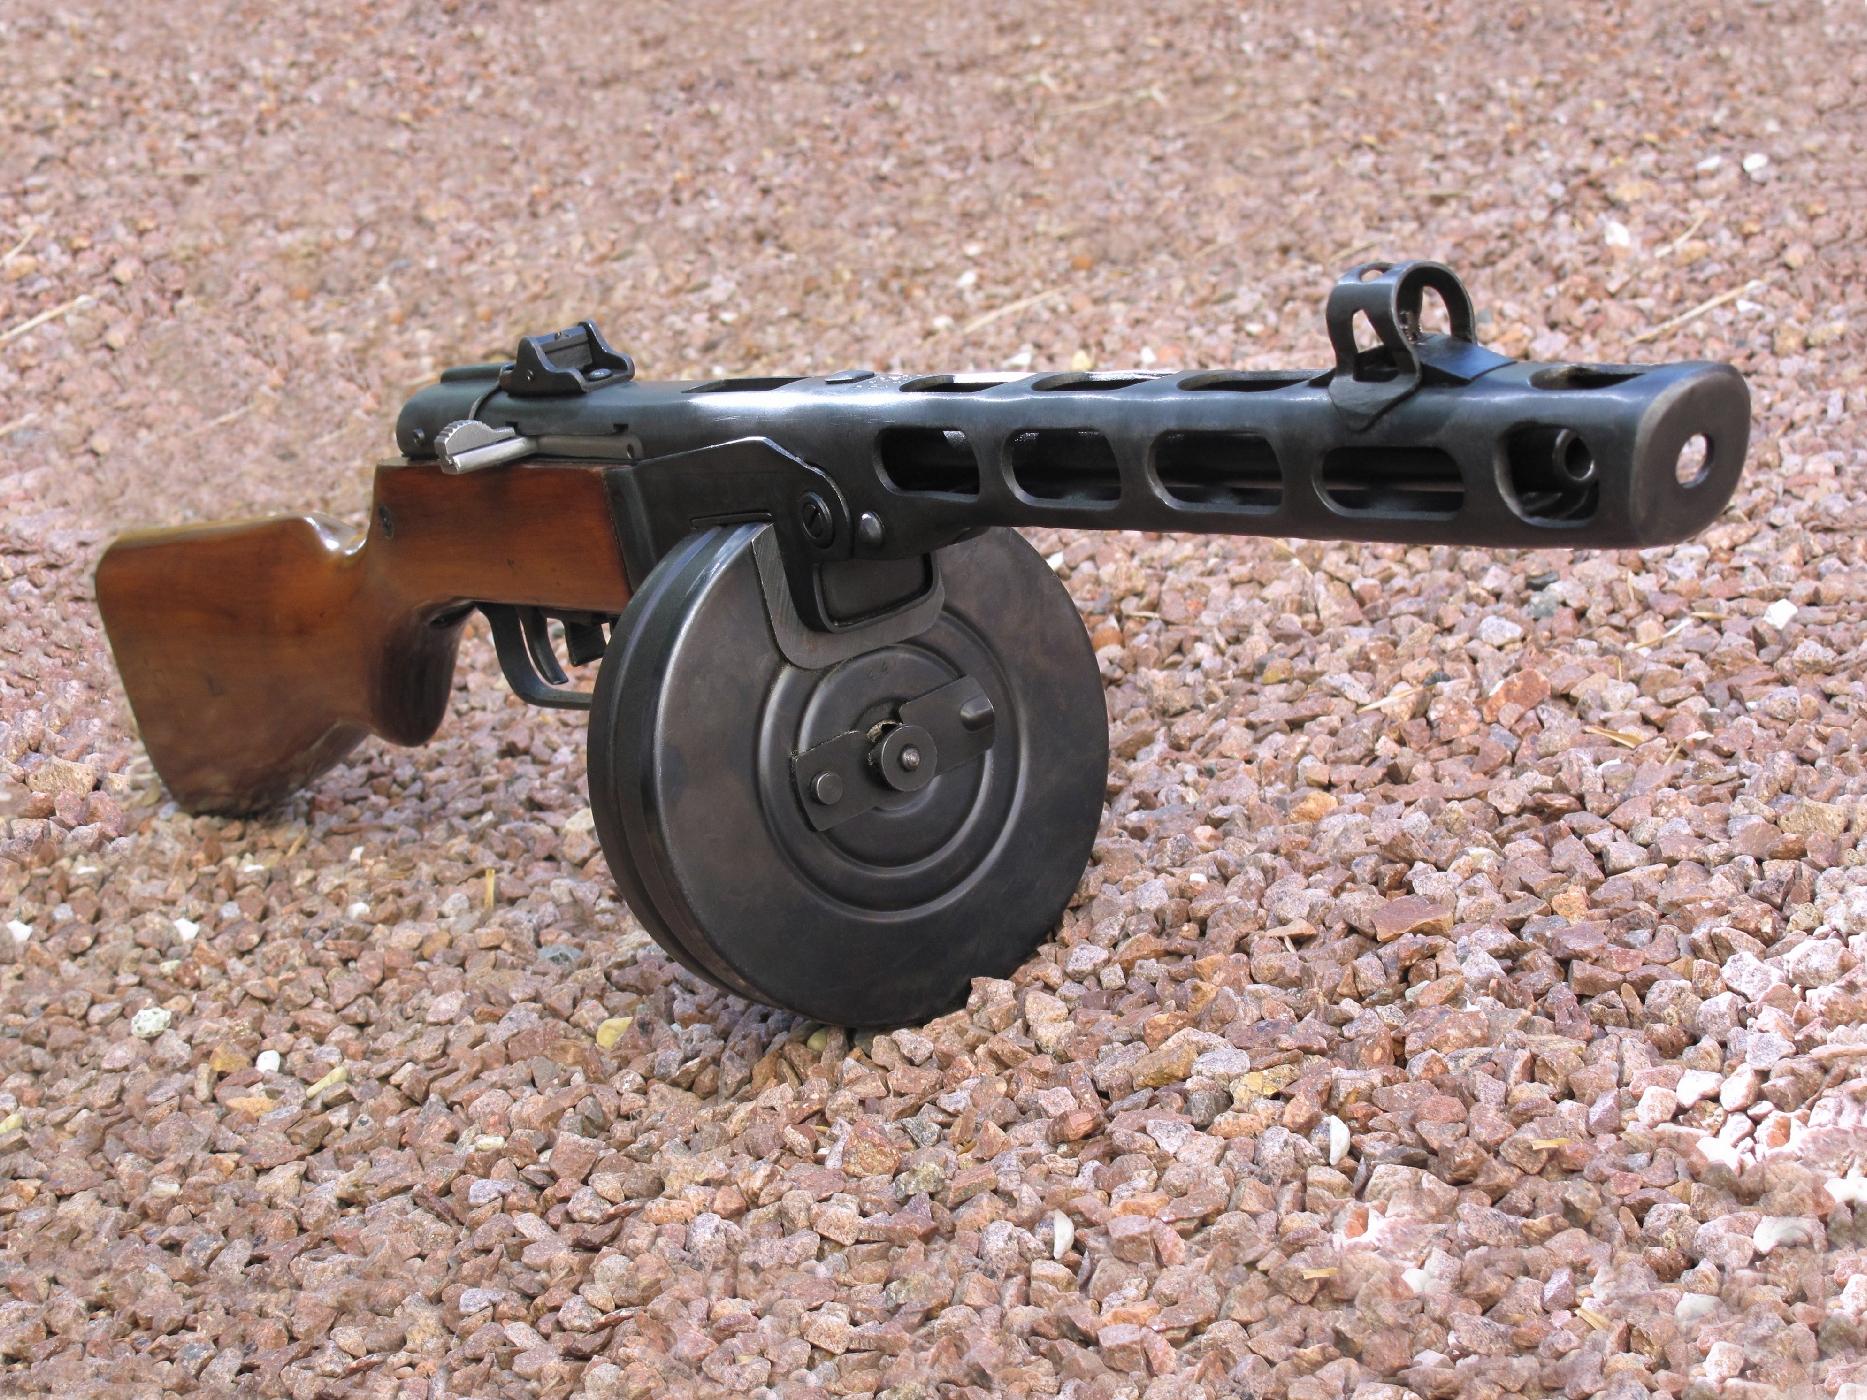 Précurseur du fusil d'assaut AK-47, le pistolet-mitrailleur PPSh-41 est une arme robuste et rustique, immédiatement reconnaissable à son manchon de canon ajouré et, bien entendu, à son spectaculaire chargeur à grande capacité.